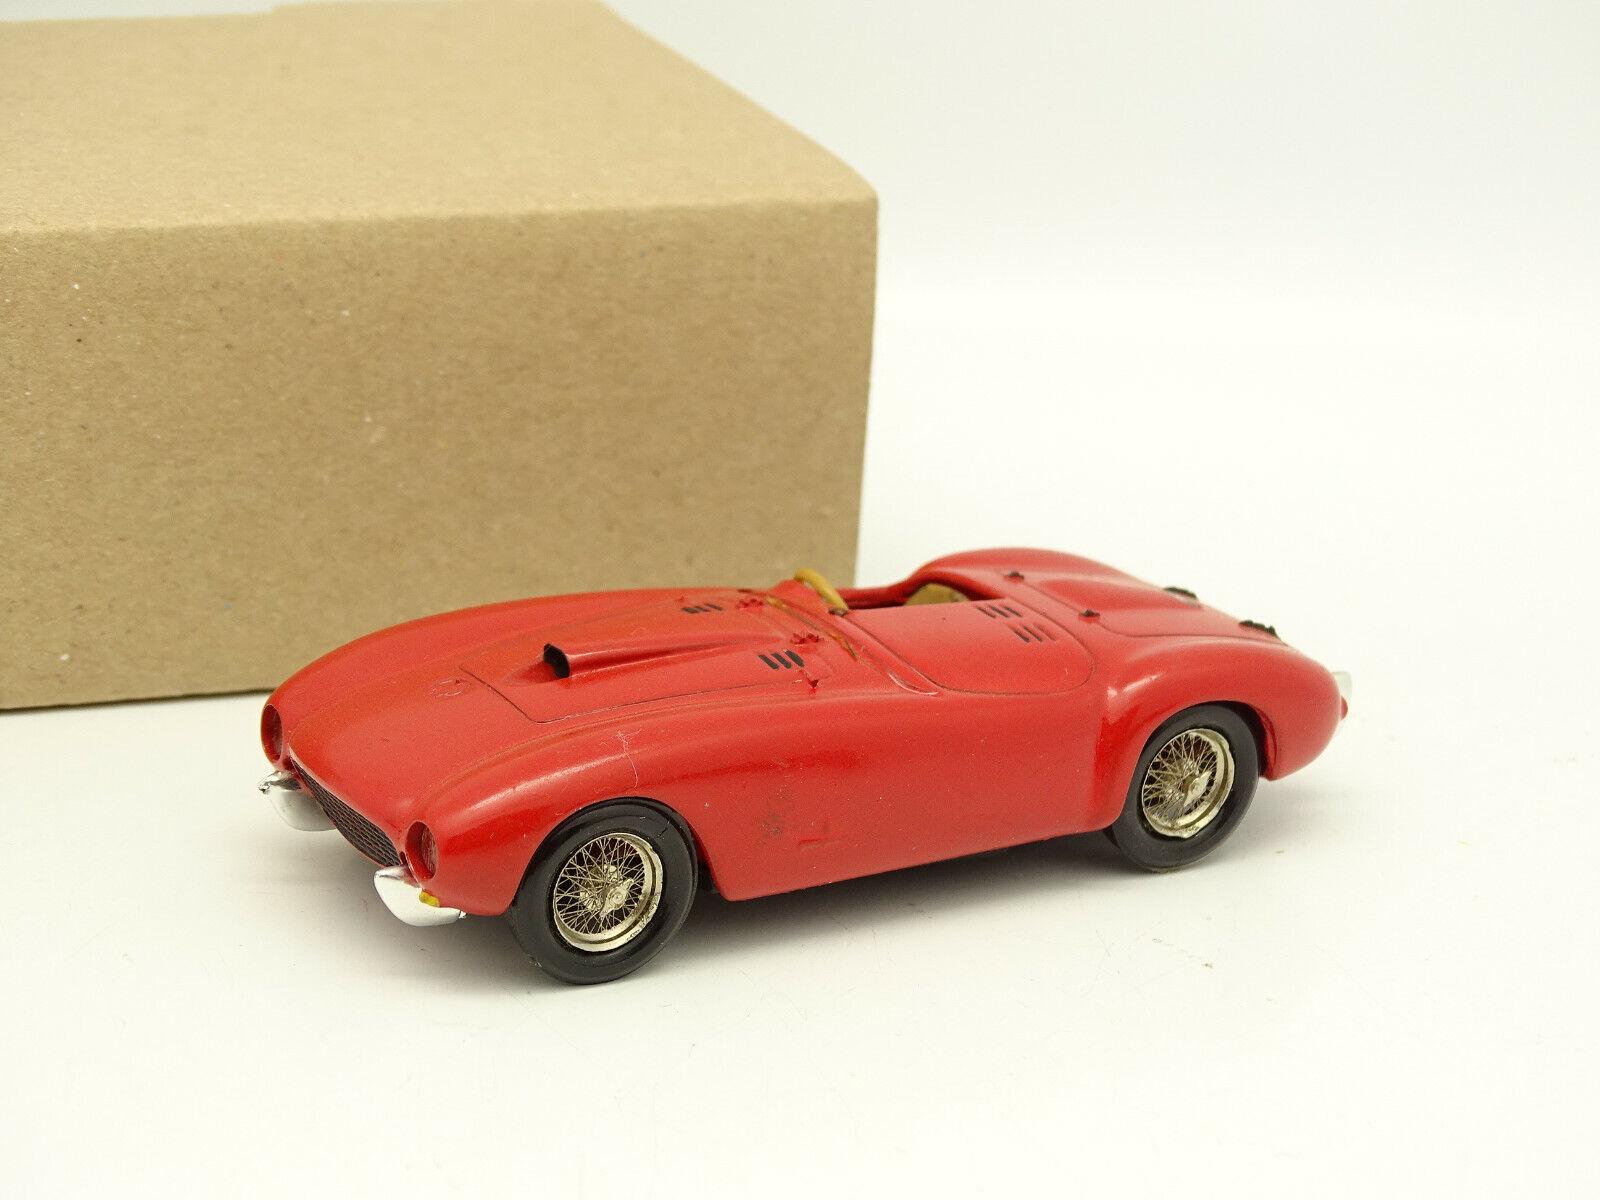 Record Kit Monté Résine 1 43 - Ferrari 375 MM red